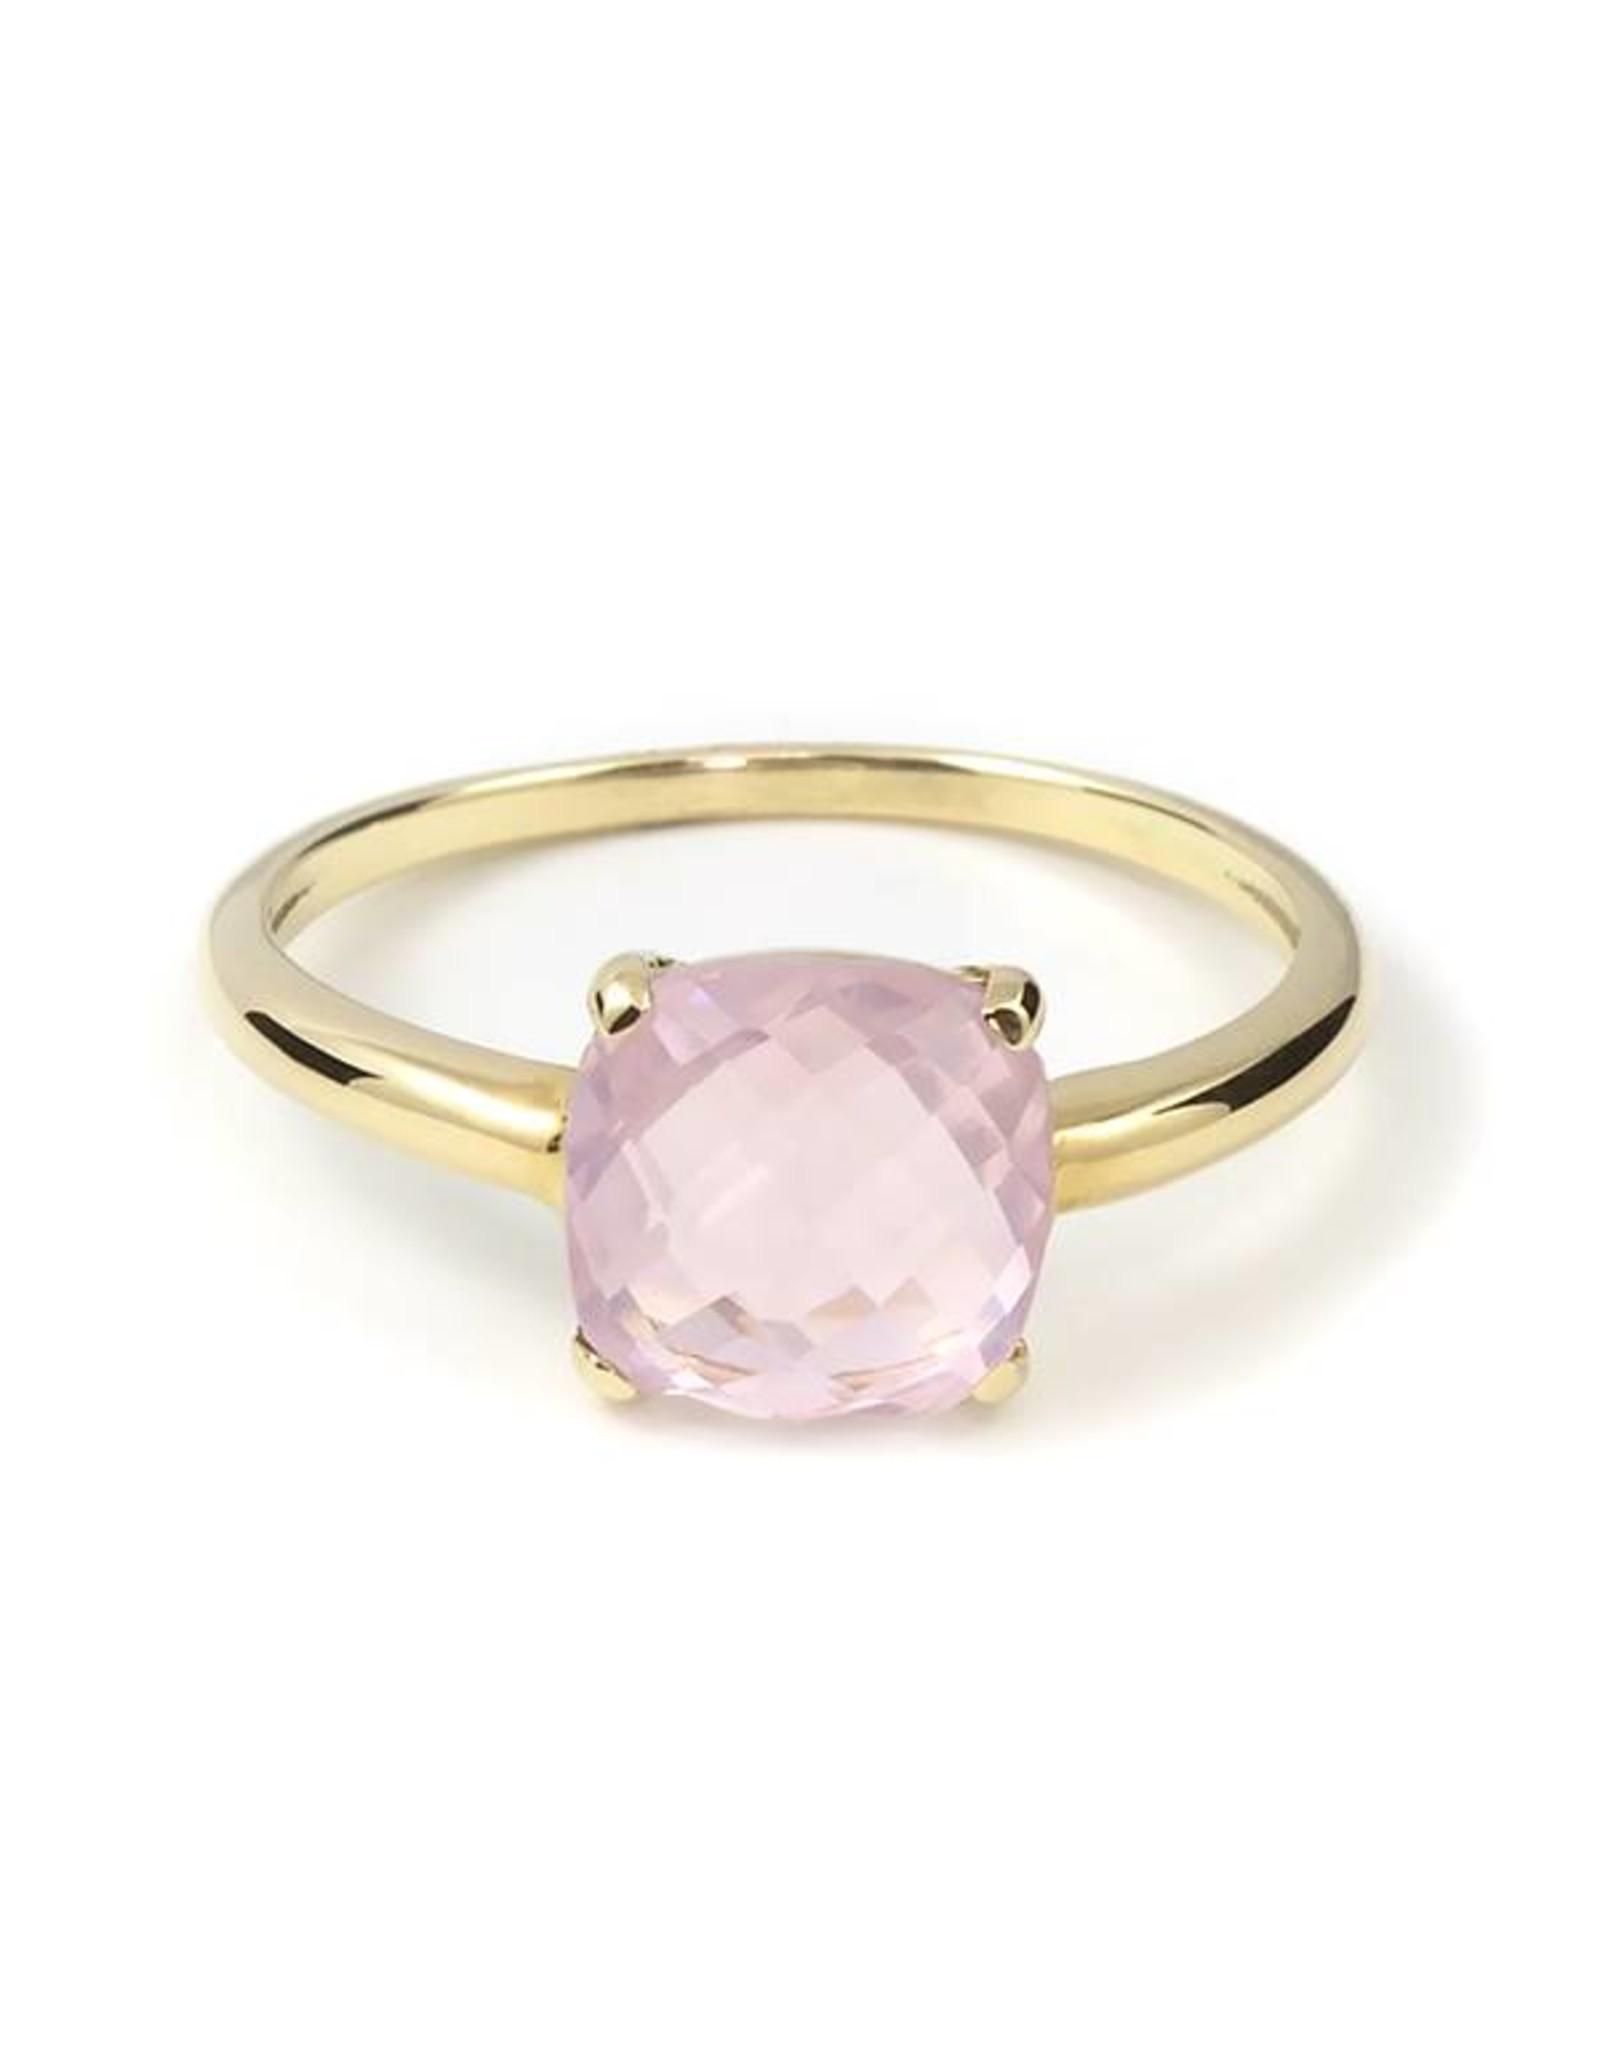 Navarro Ring - Gold + Rose Quartz